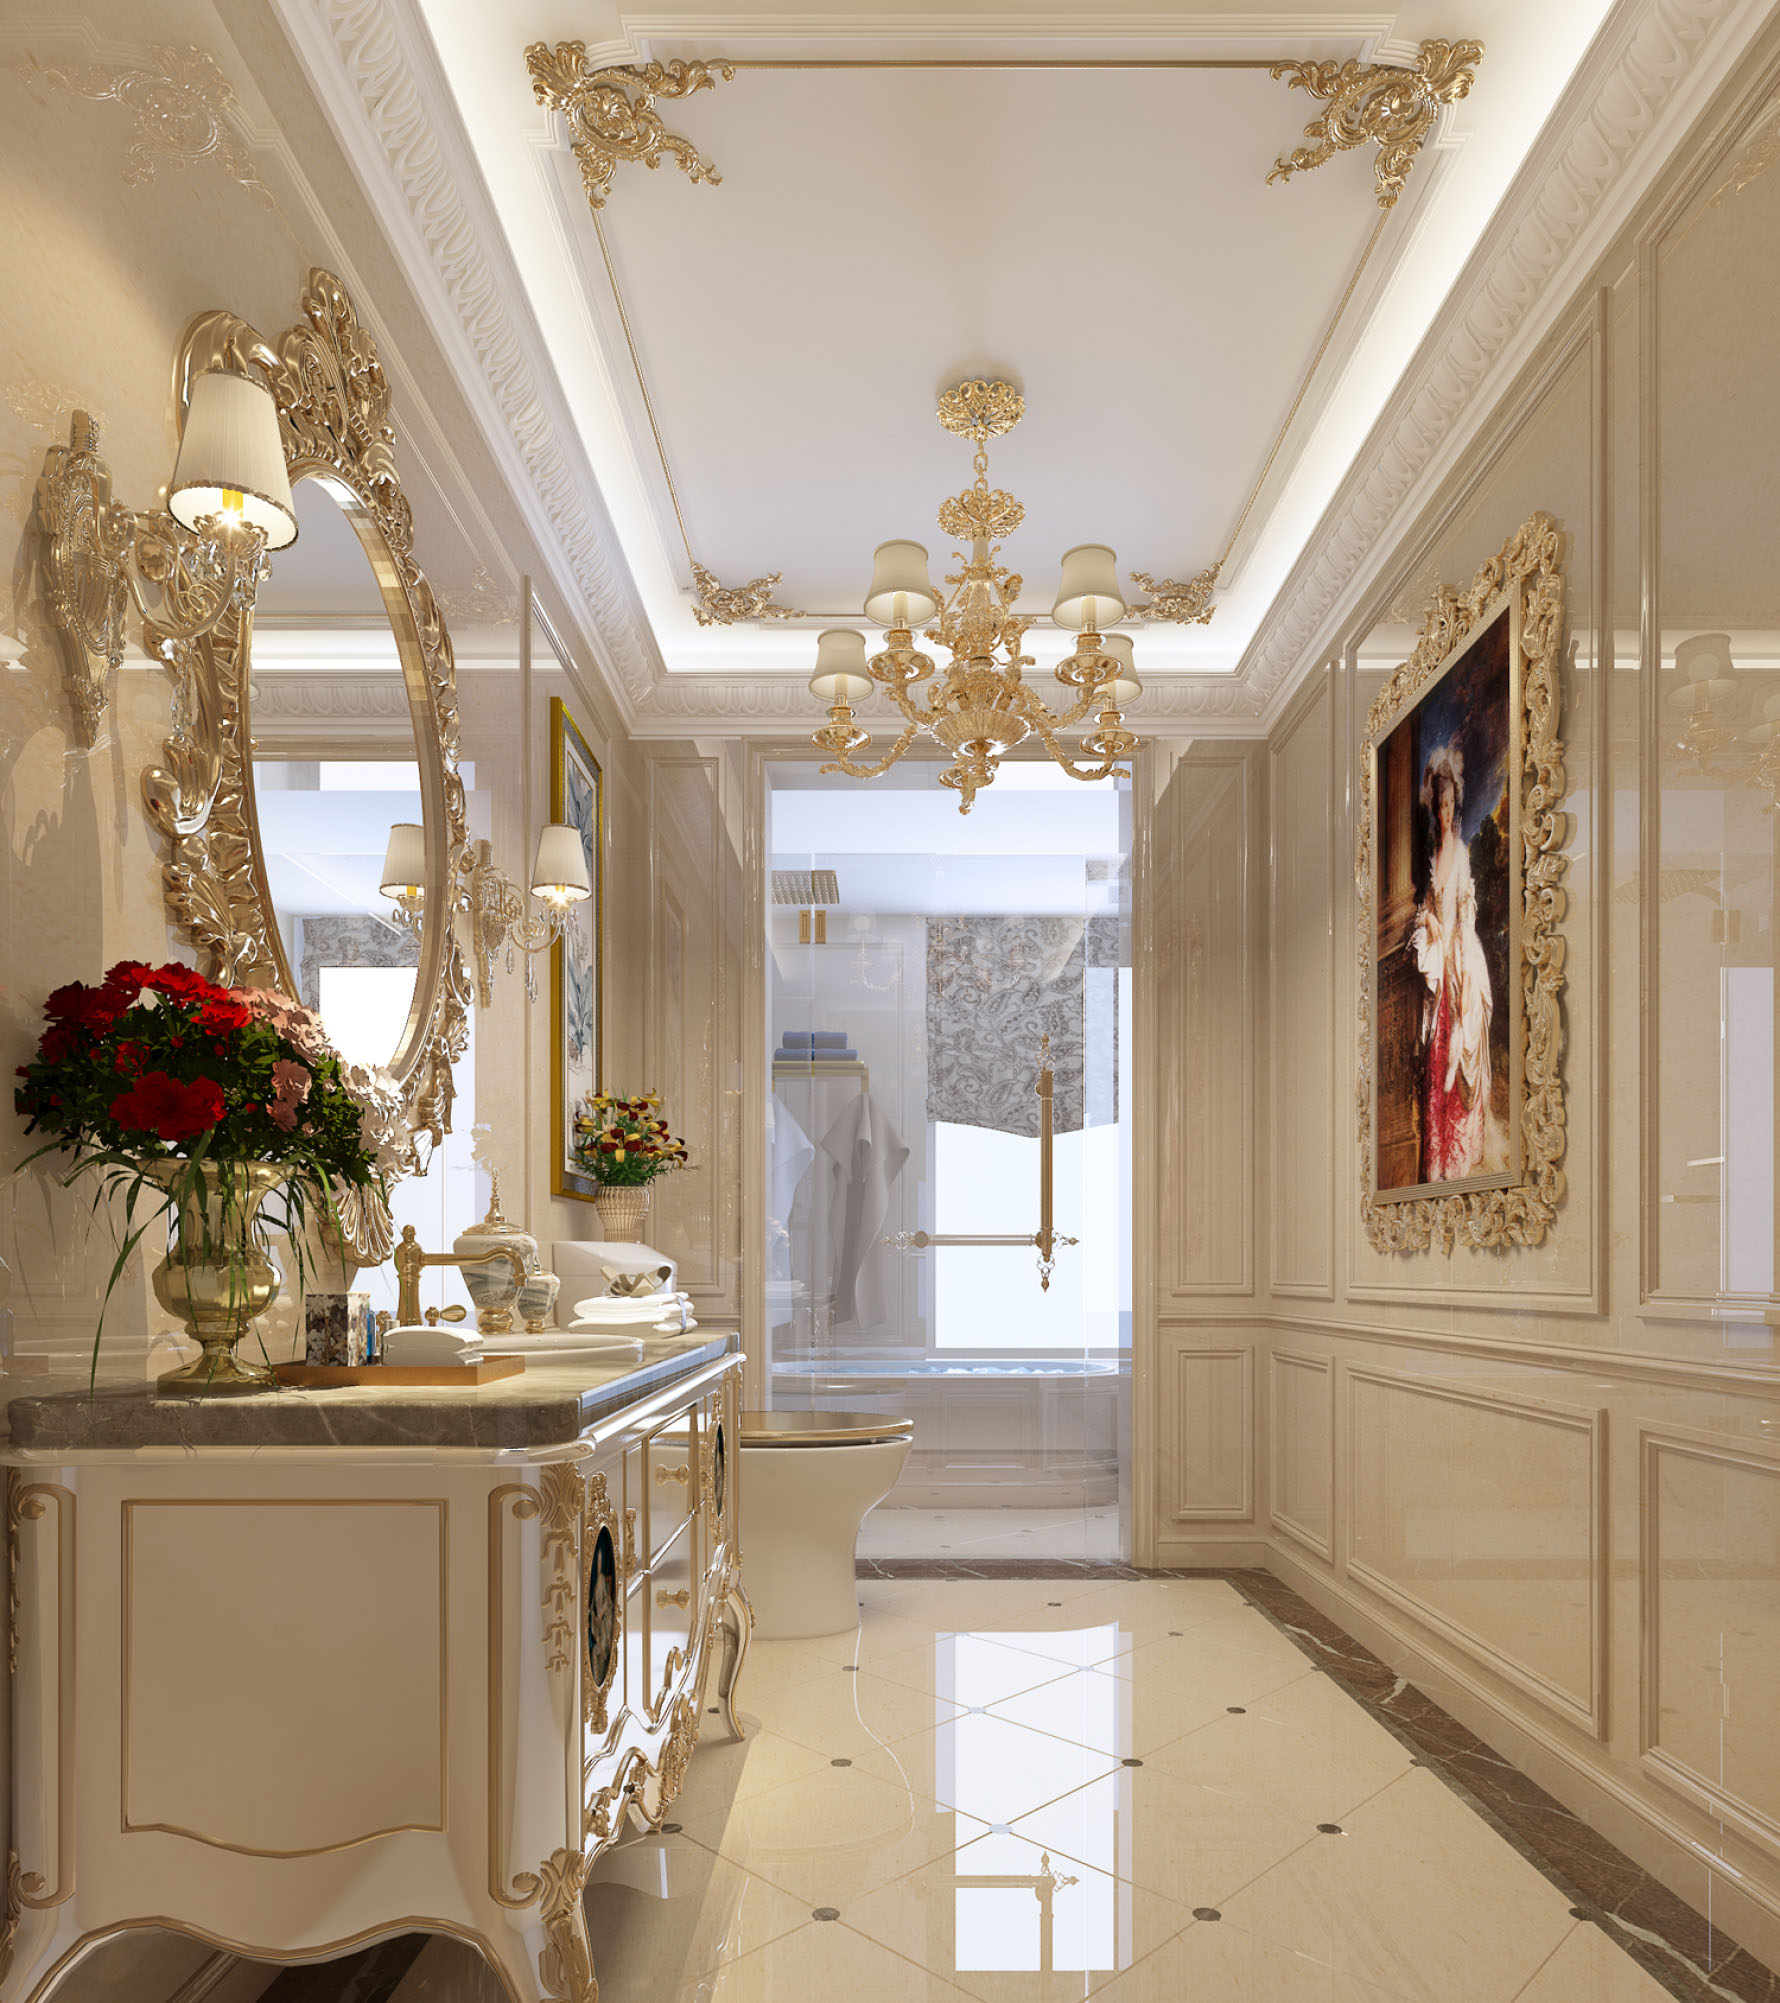 奢华法式别墅卫生间装修效果图